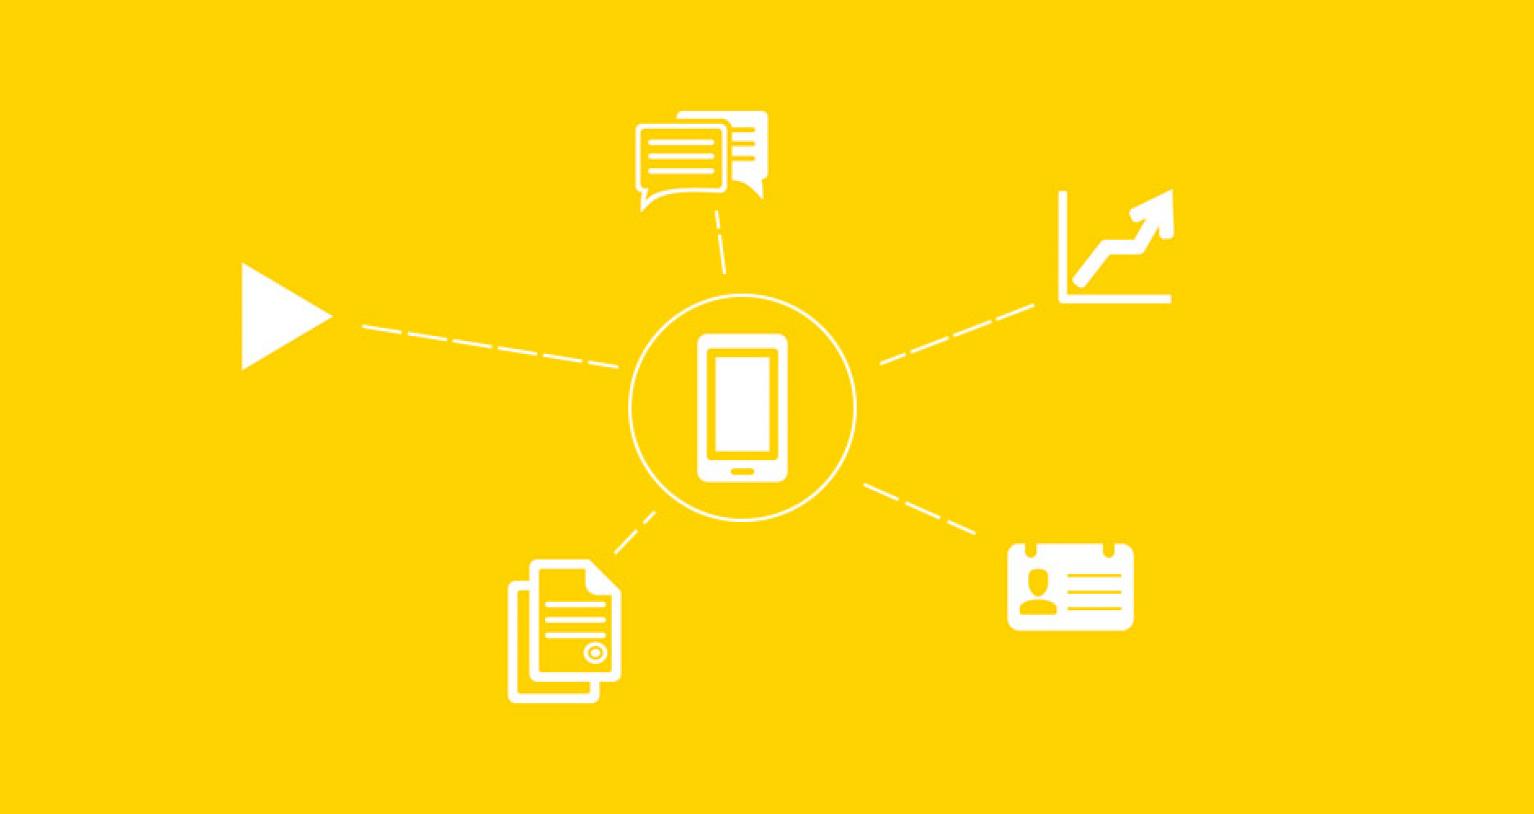 Gastbeitrag vonMarian Möhren, kernpunkt Ein auf Mobilgeräten verfügbares (und auch gut bedienbares) Intranet war bis vor kurzer Zeit noch immer etwas Besonderes. Derzeit ändert sich dies allerdings, stellen doch die meisten Plattformanbieter mittlerweile entsprechende mobile Möglichkeiten bereit. Dies gilt für per se mobil denkende Plattformen wie Coyo oder Staffbase, aber auch für Systemewie Confluence oder Sharepoint.